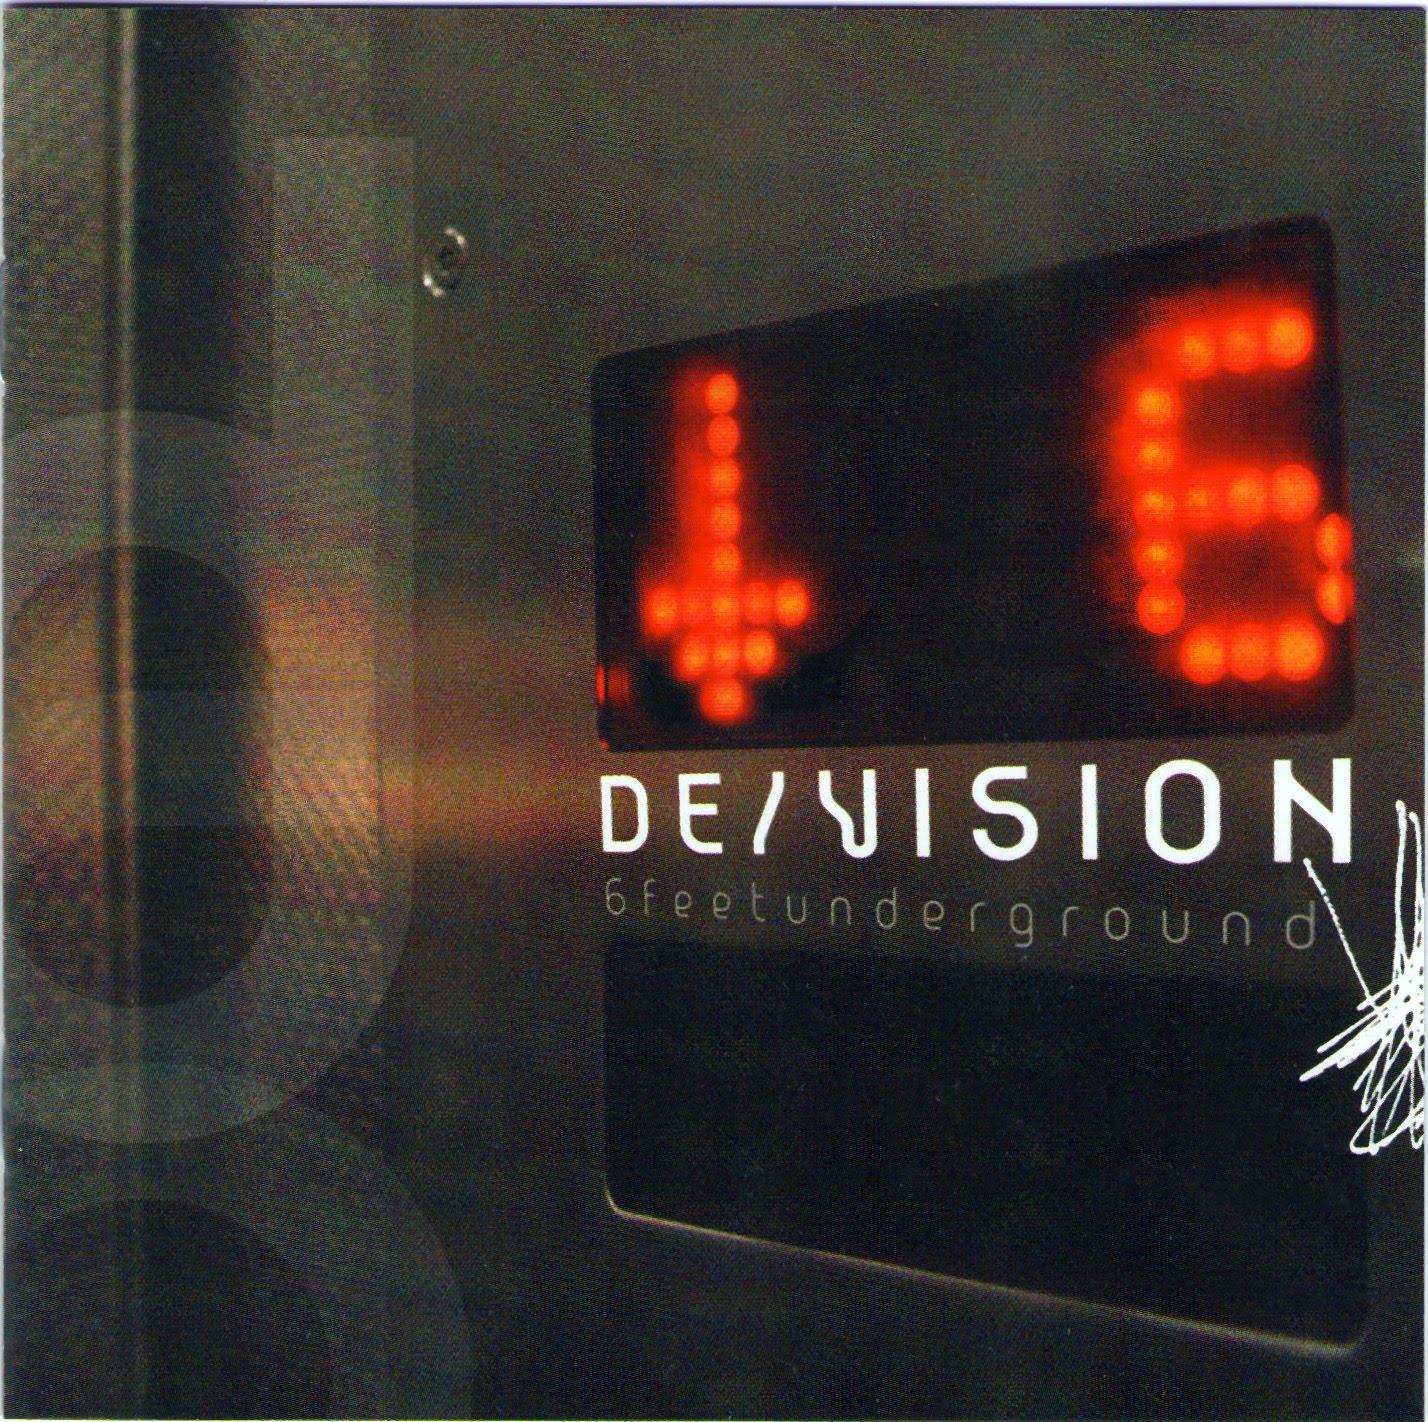 De/Vision - Drifting Sideways